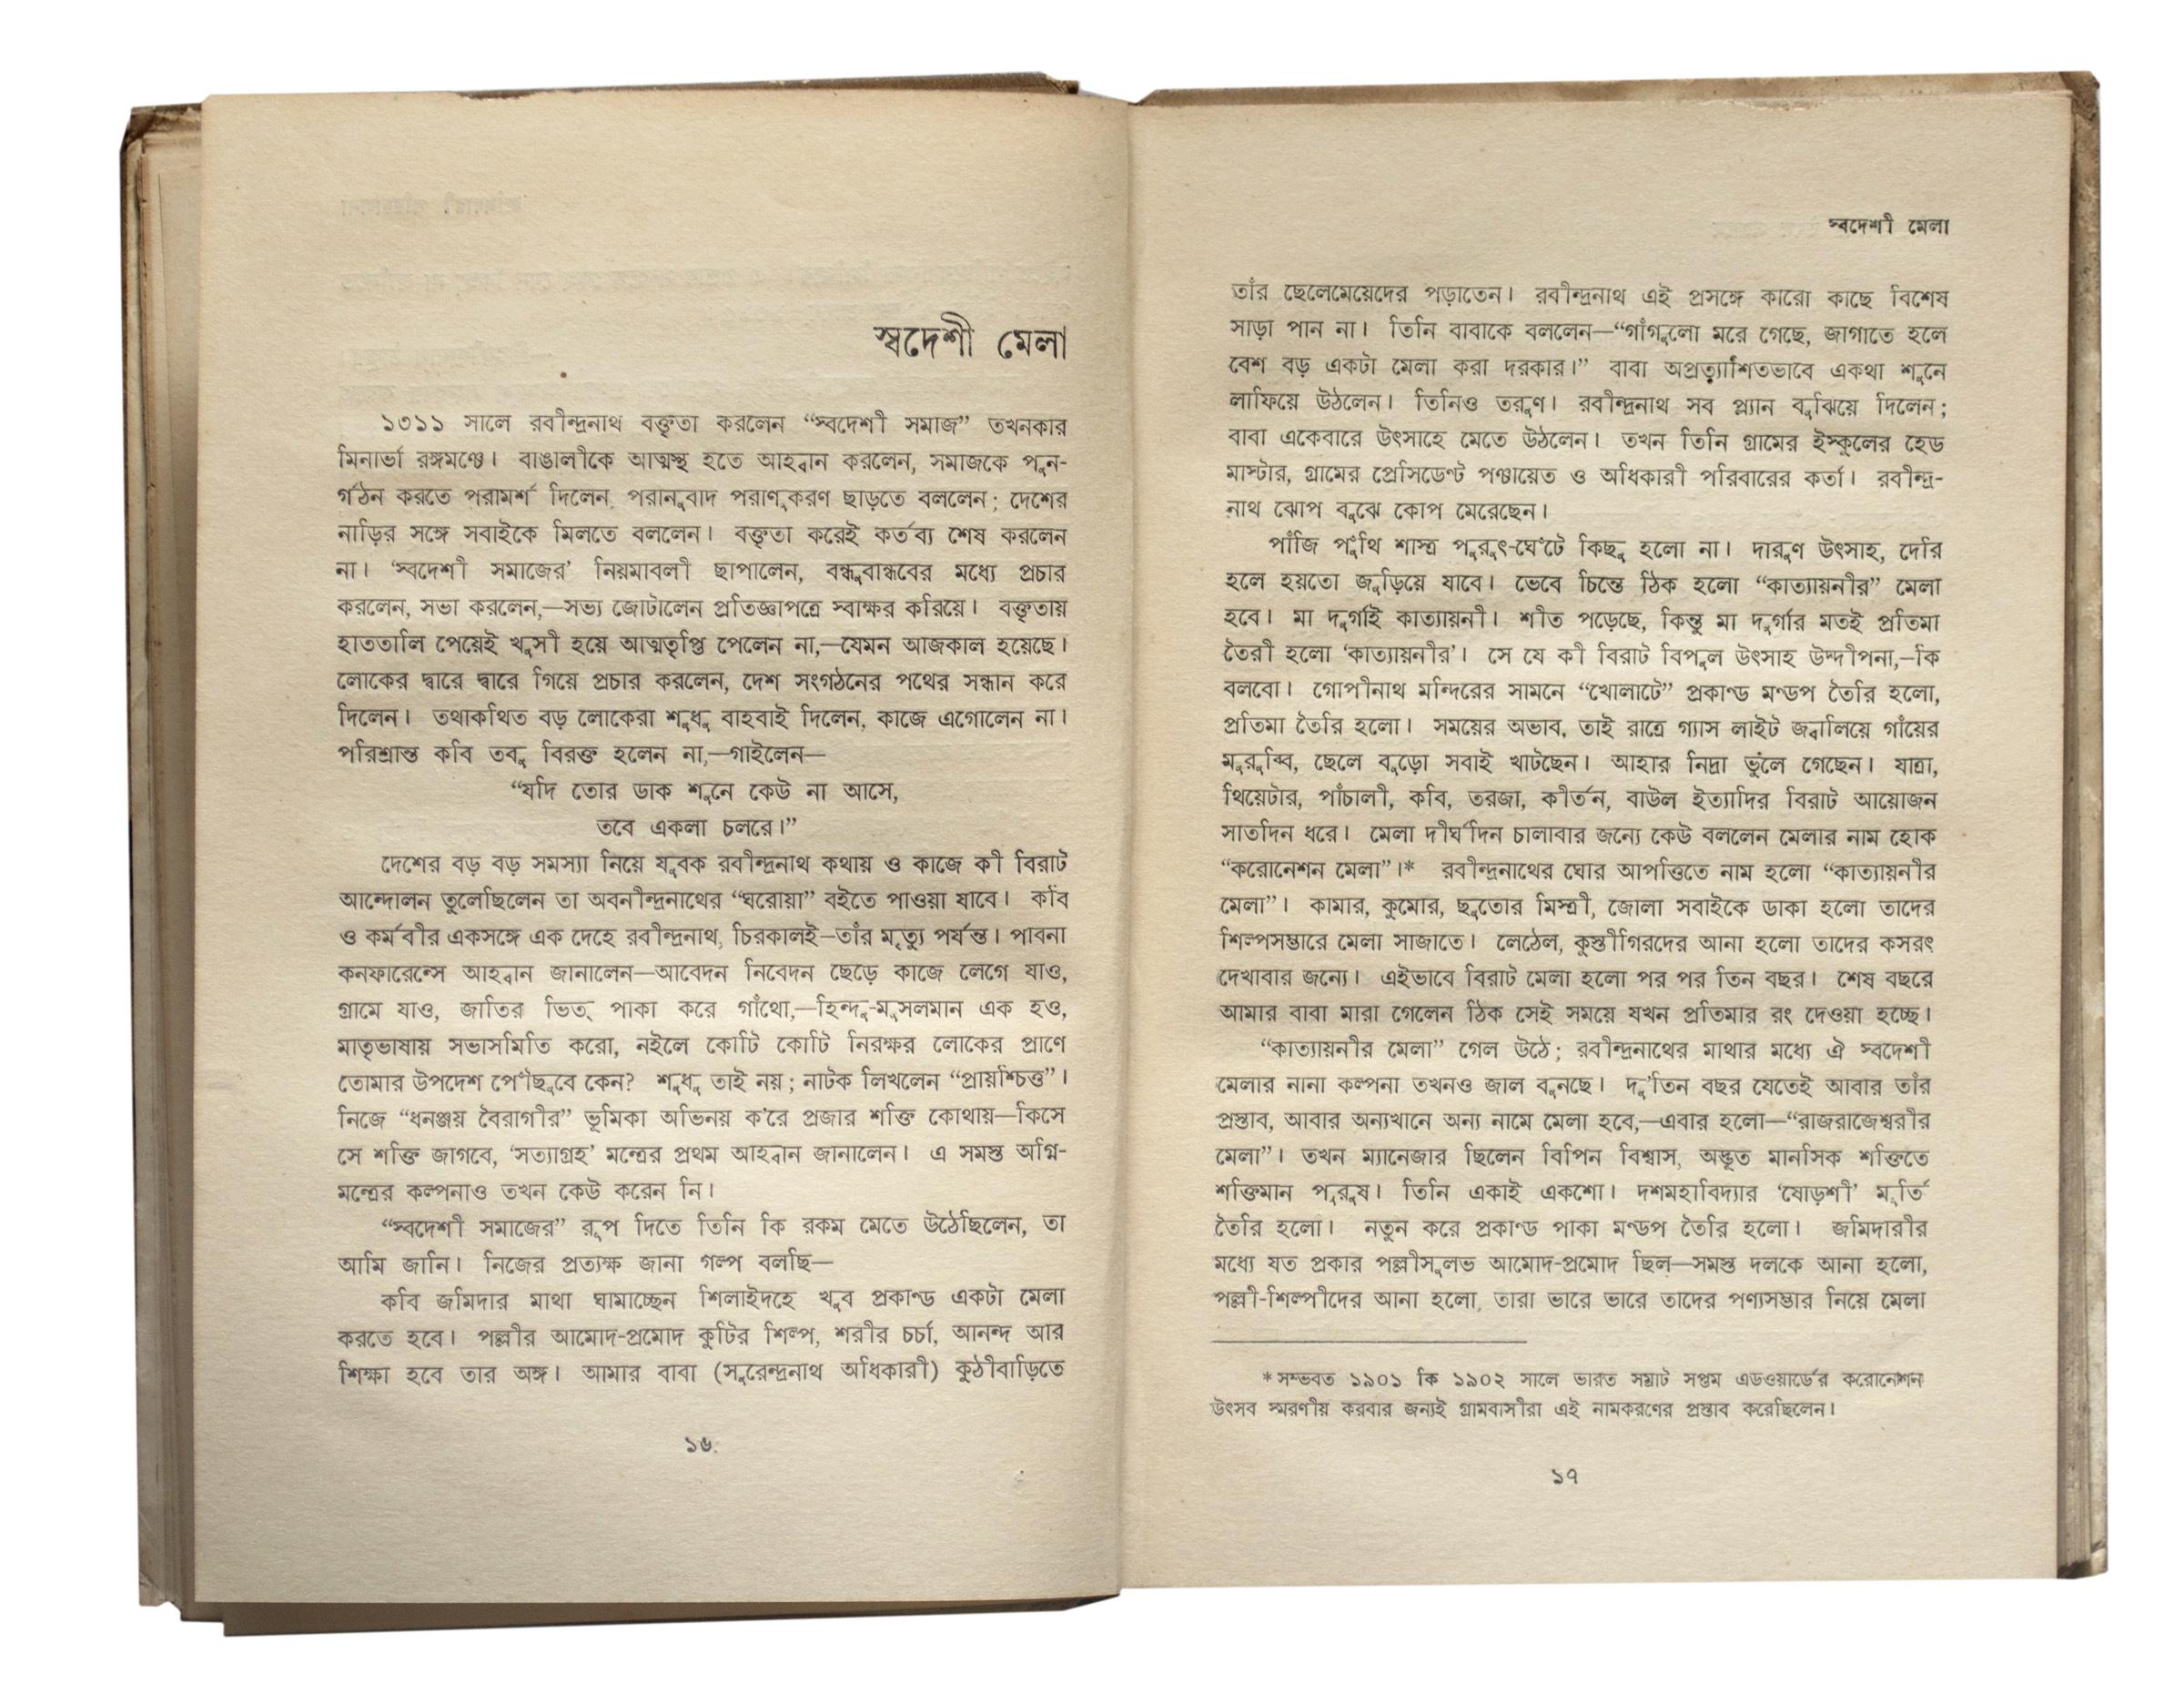 Rabindranath Manosher Utsa Sandhaney (Non-fiction in Bengali) by Sachindranath Adhikary